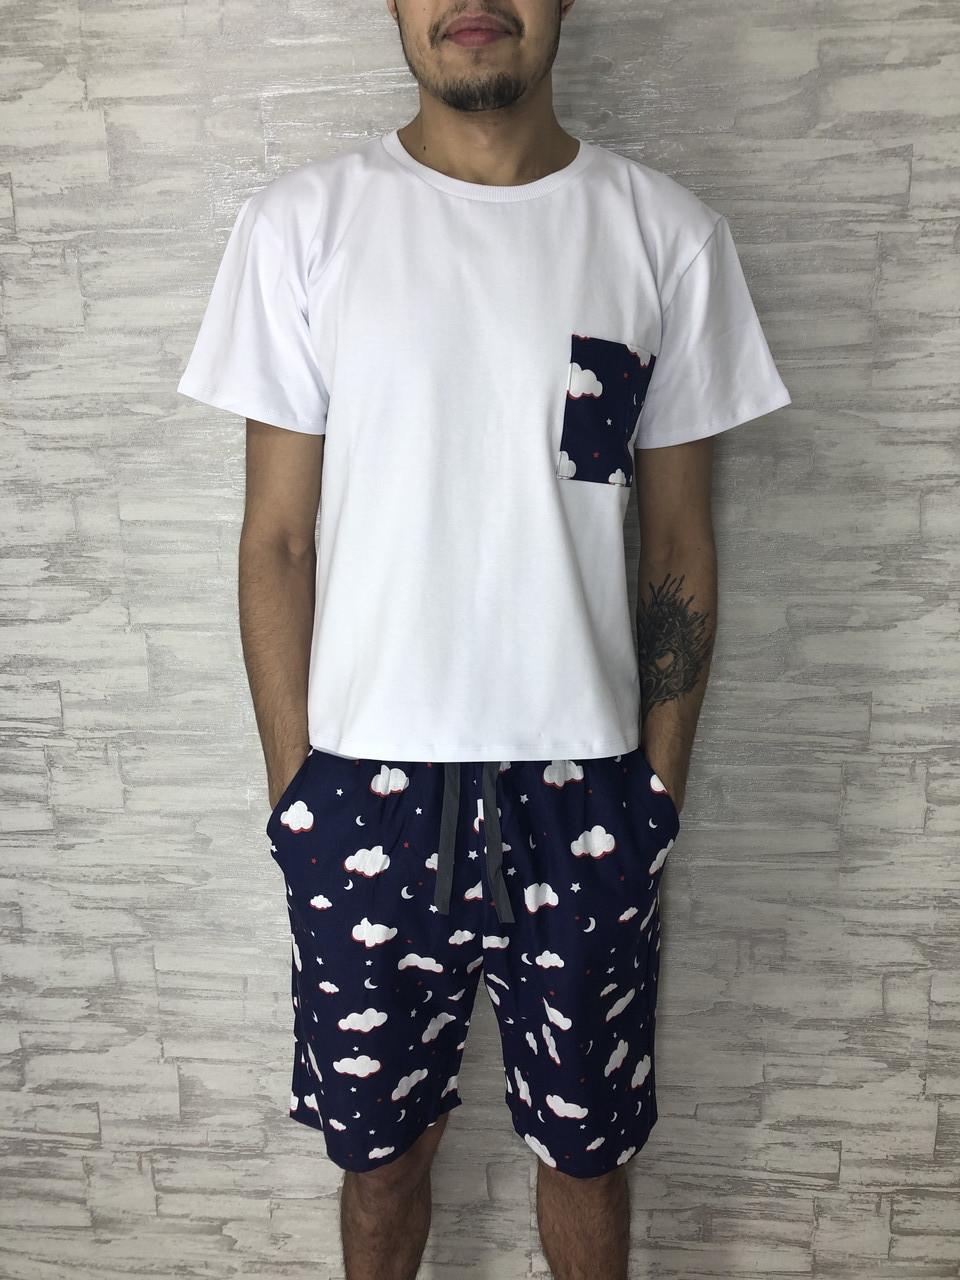 Мужской домашний костюм Тучки, размер XL, мужская пижама (футболка и шорты)